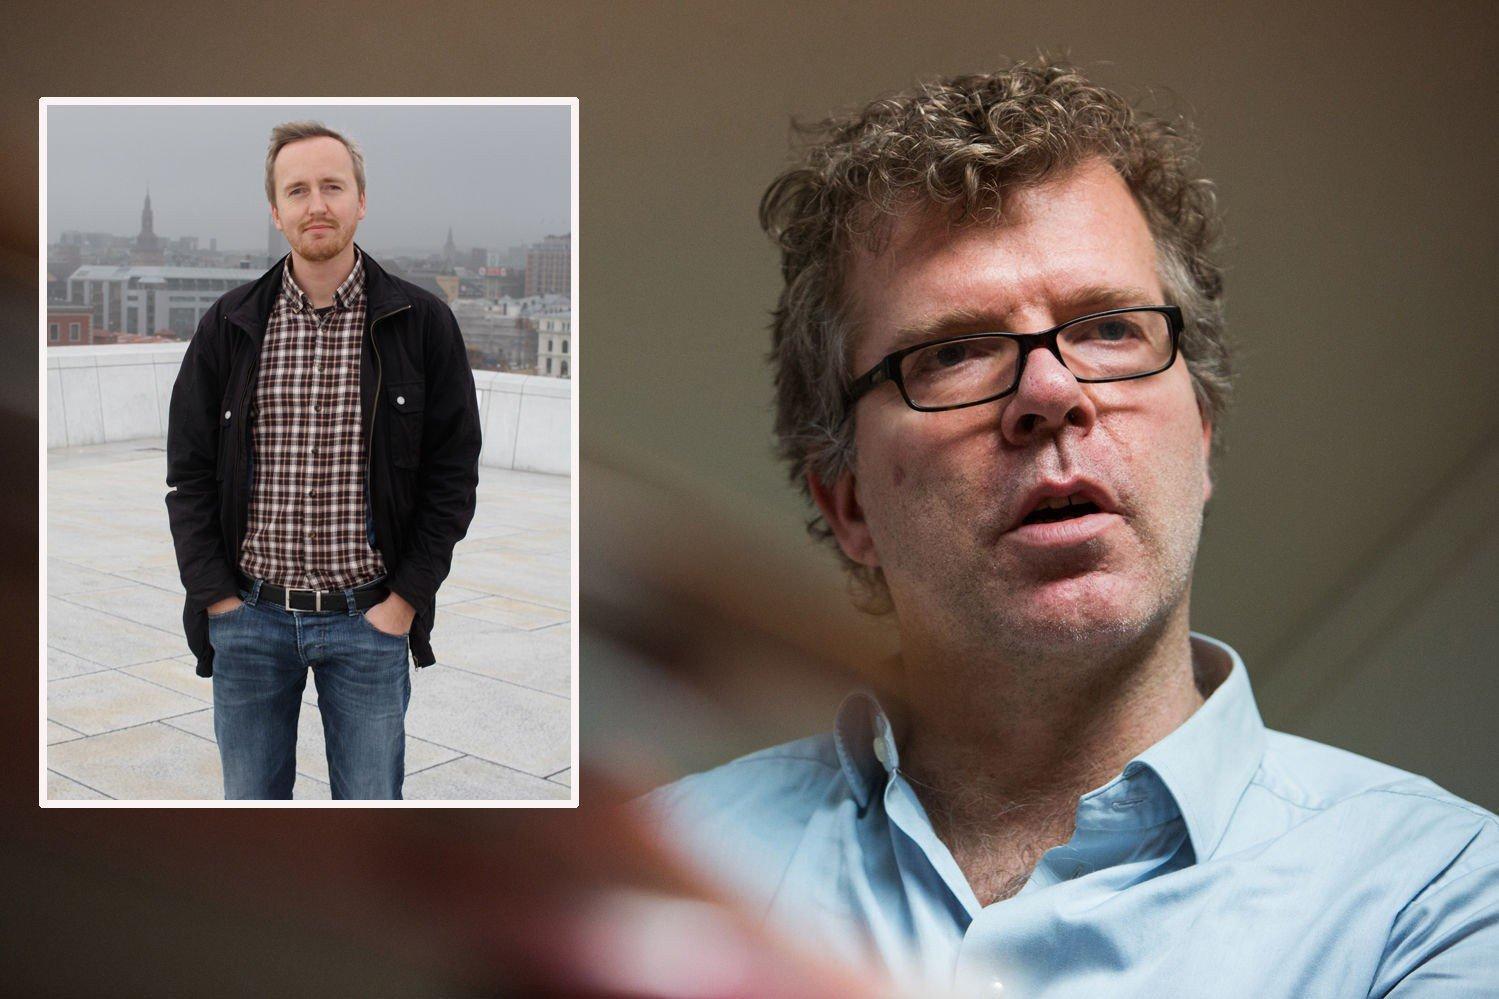 SLÅR TILBAKE: Leder ved Antirasistisk Senter Rune Berglund Steen mener samfunnsdebattant Jon Hustad skaper splid når han generaliserer om negative konsekvenser av at flyktninger med muslimsk bakgrunn kommer til Norge.